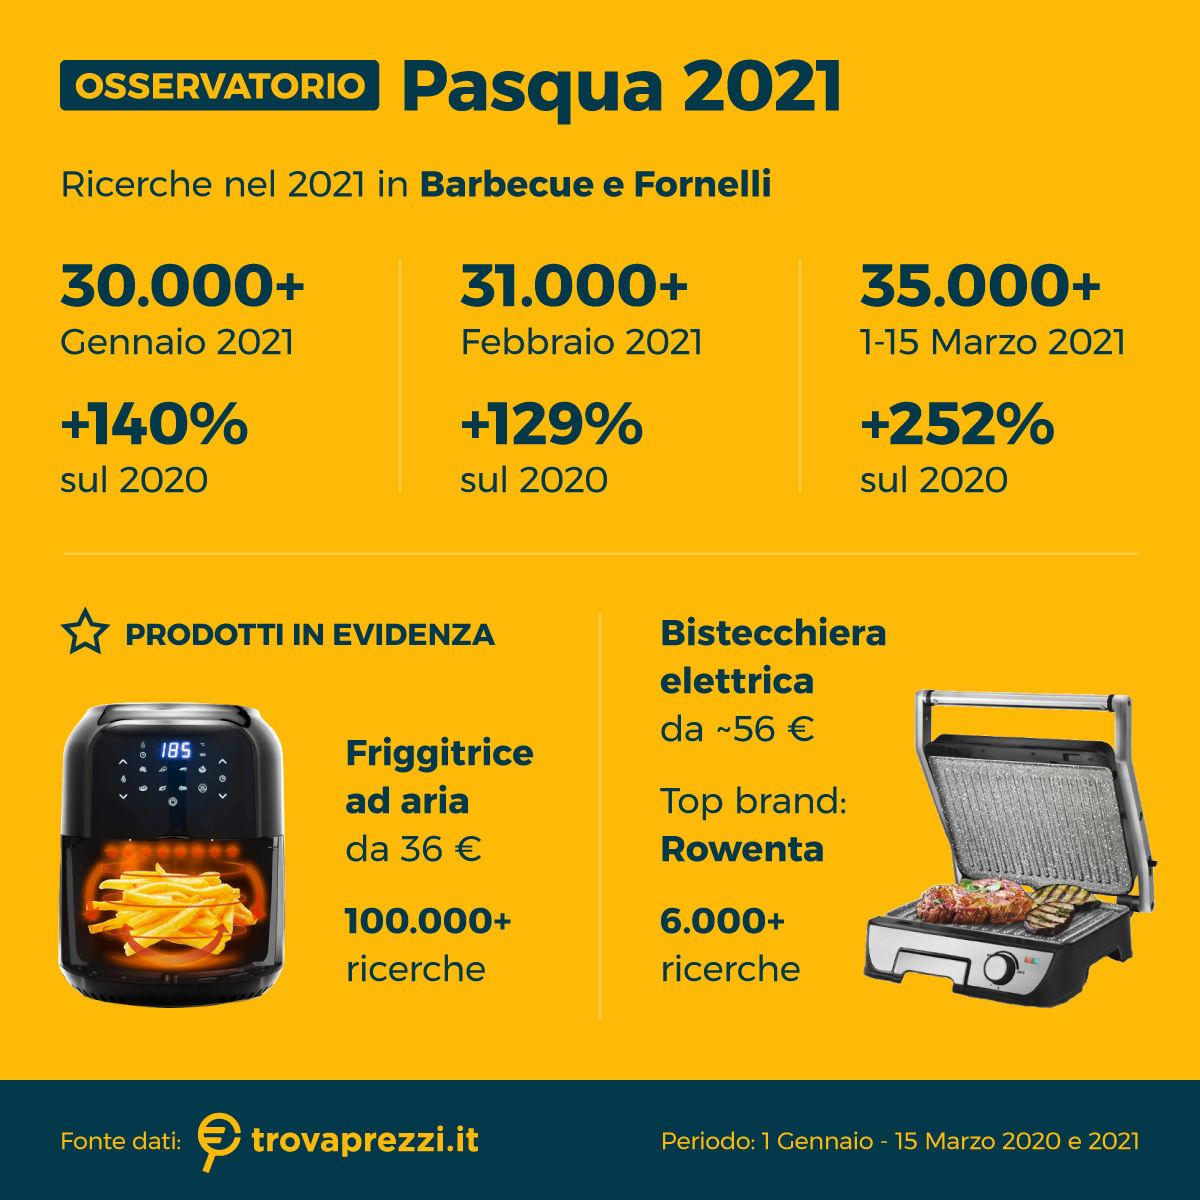 osservatorio_mar21_pasqua_3